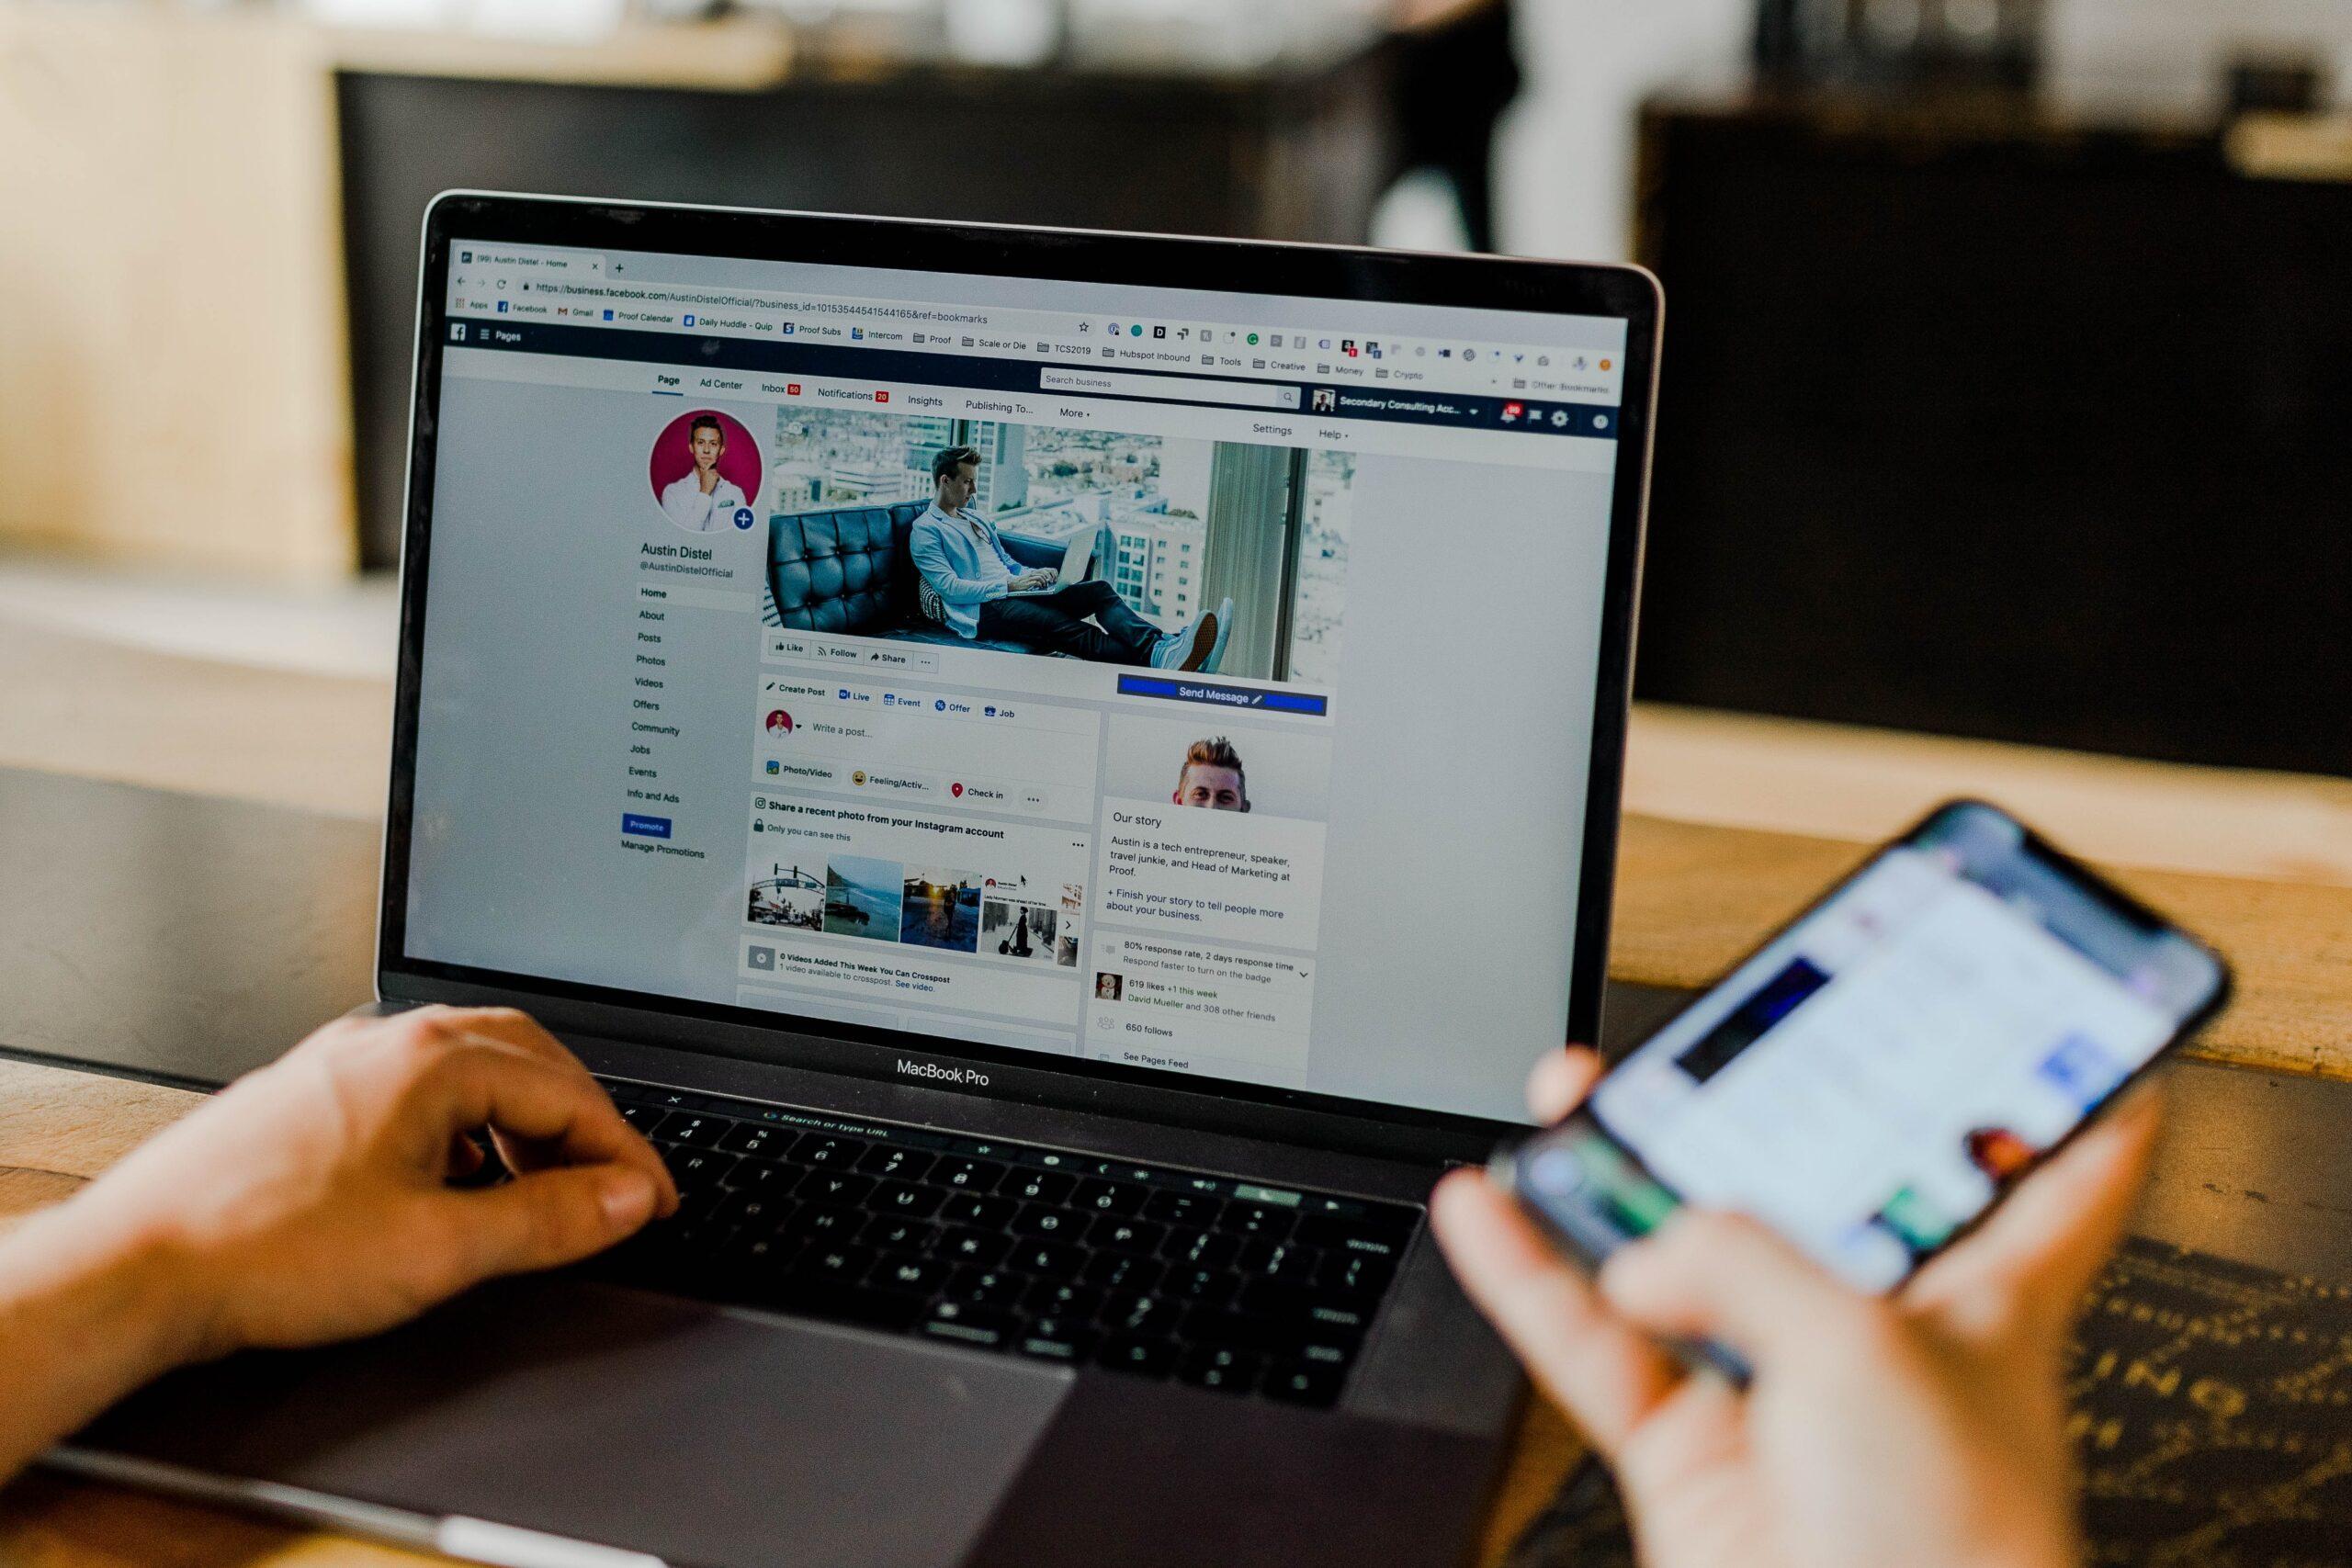 كيفية العمل كمسوق للكورسات والدورات والمحتويات الرقمية لسنة 2021